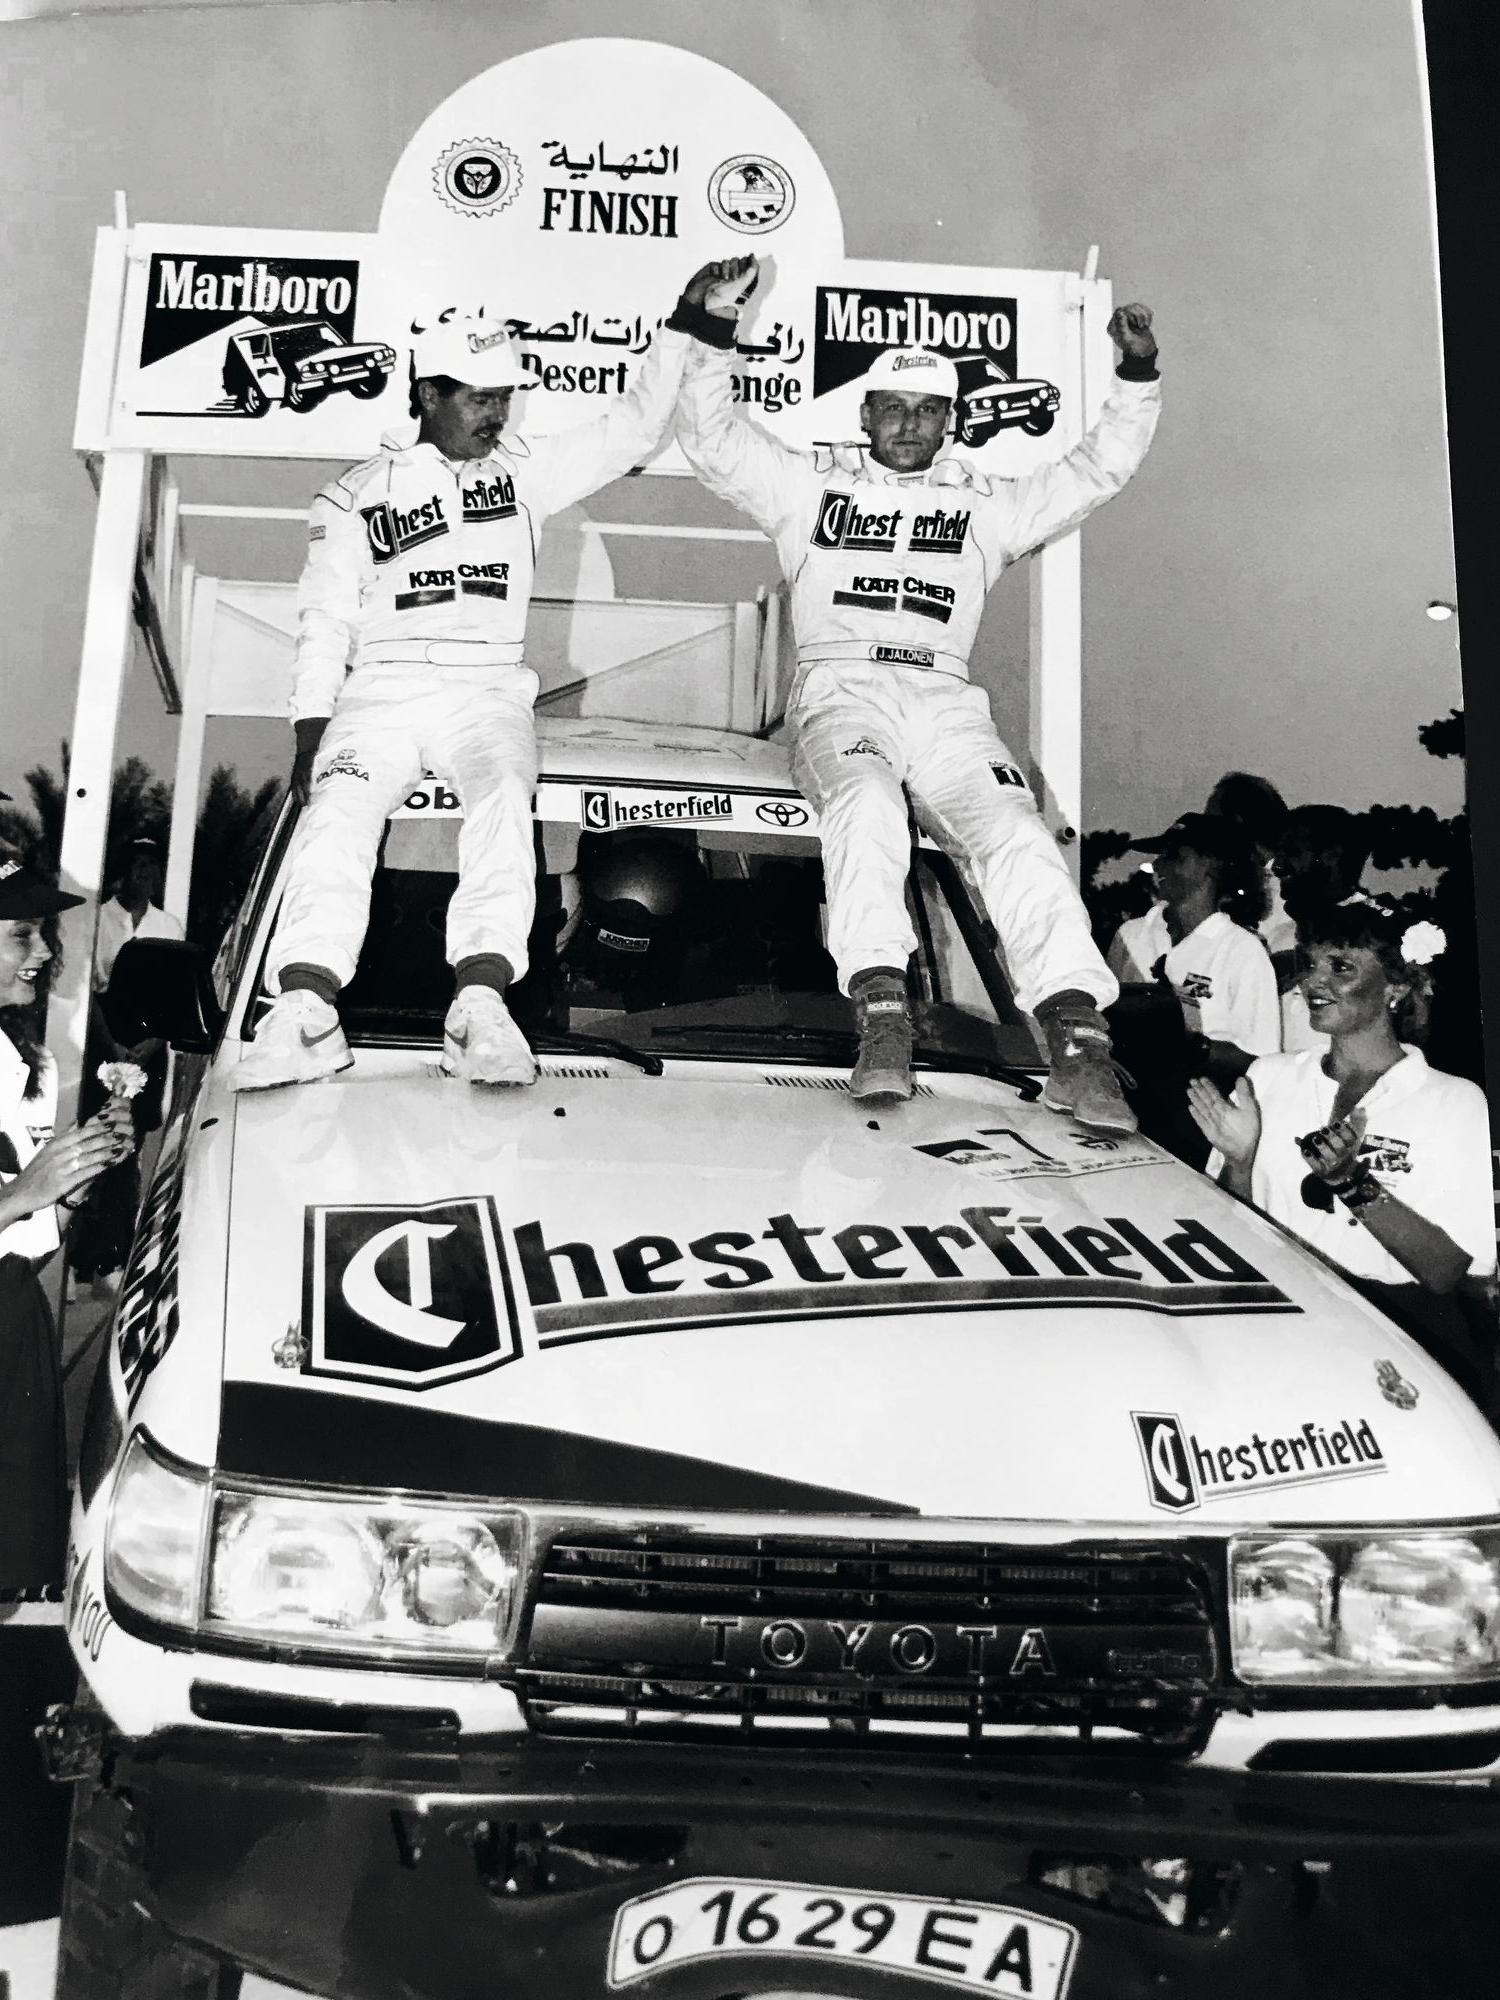 Nyt runoilijanakin tunnettu Jukka Jalonen on työskennellyt muun muassa moottoriurheilijana ja managerina. Kuvassa voittajana T1-luokan aavikkorallissa Arabiemiirikunnissa vuonna 1993.